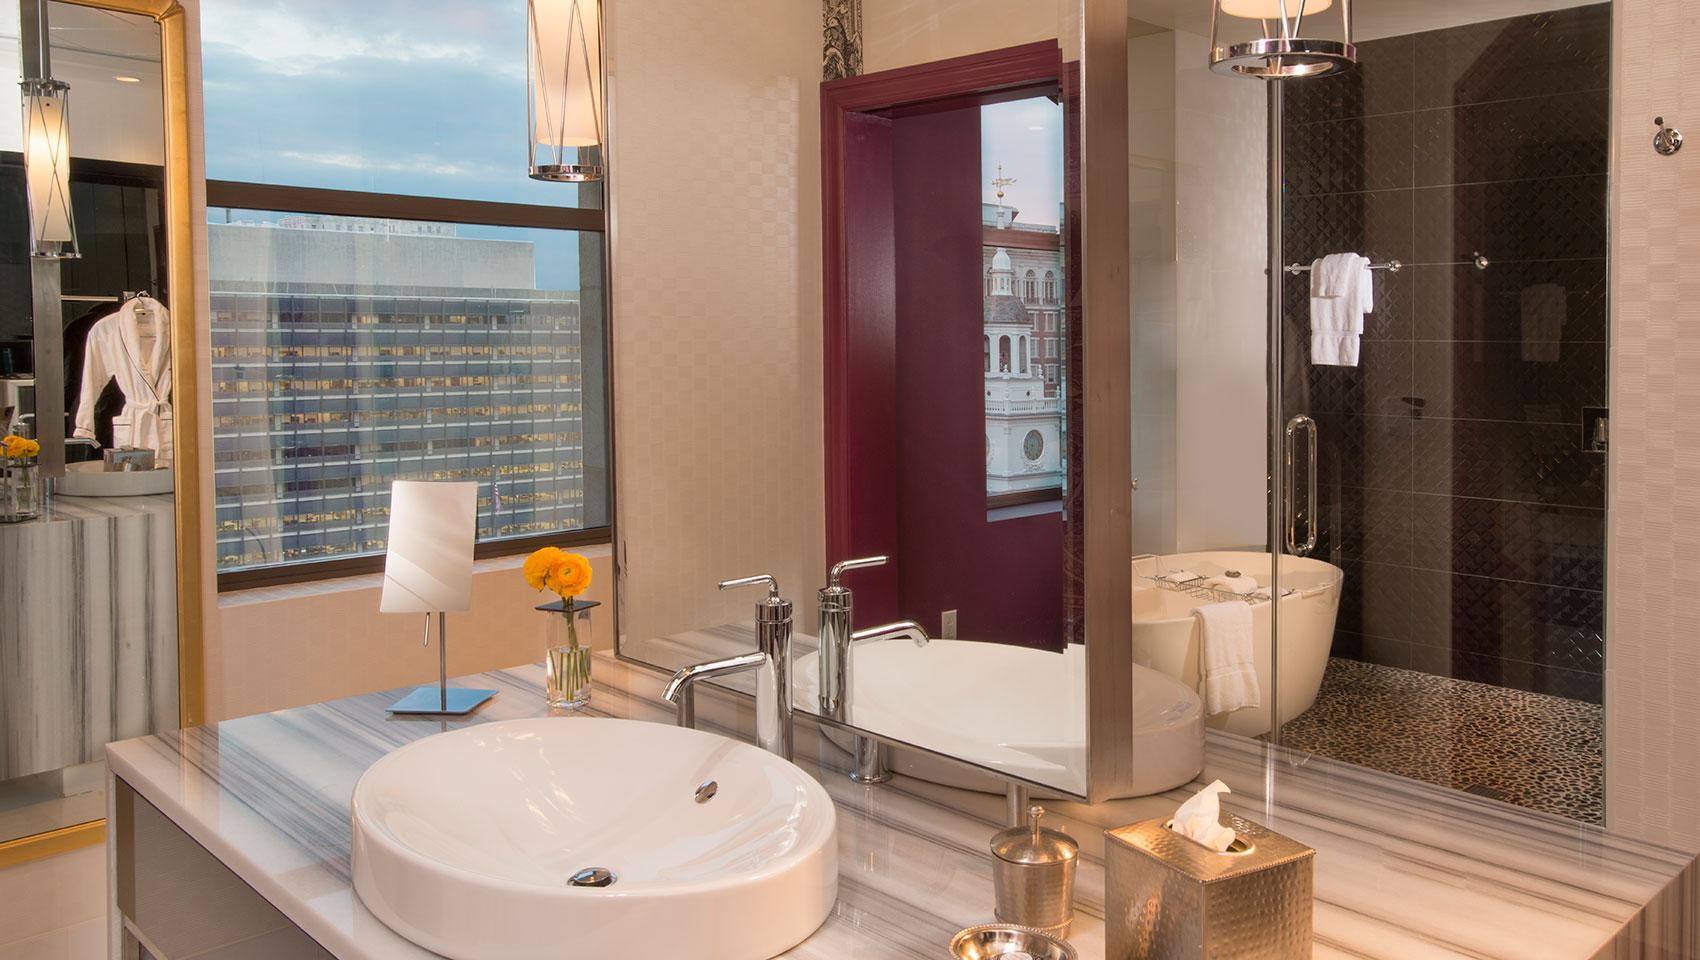 Kimpton Hotel Girard Room